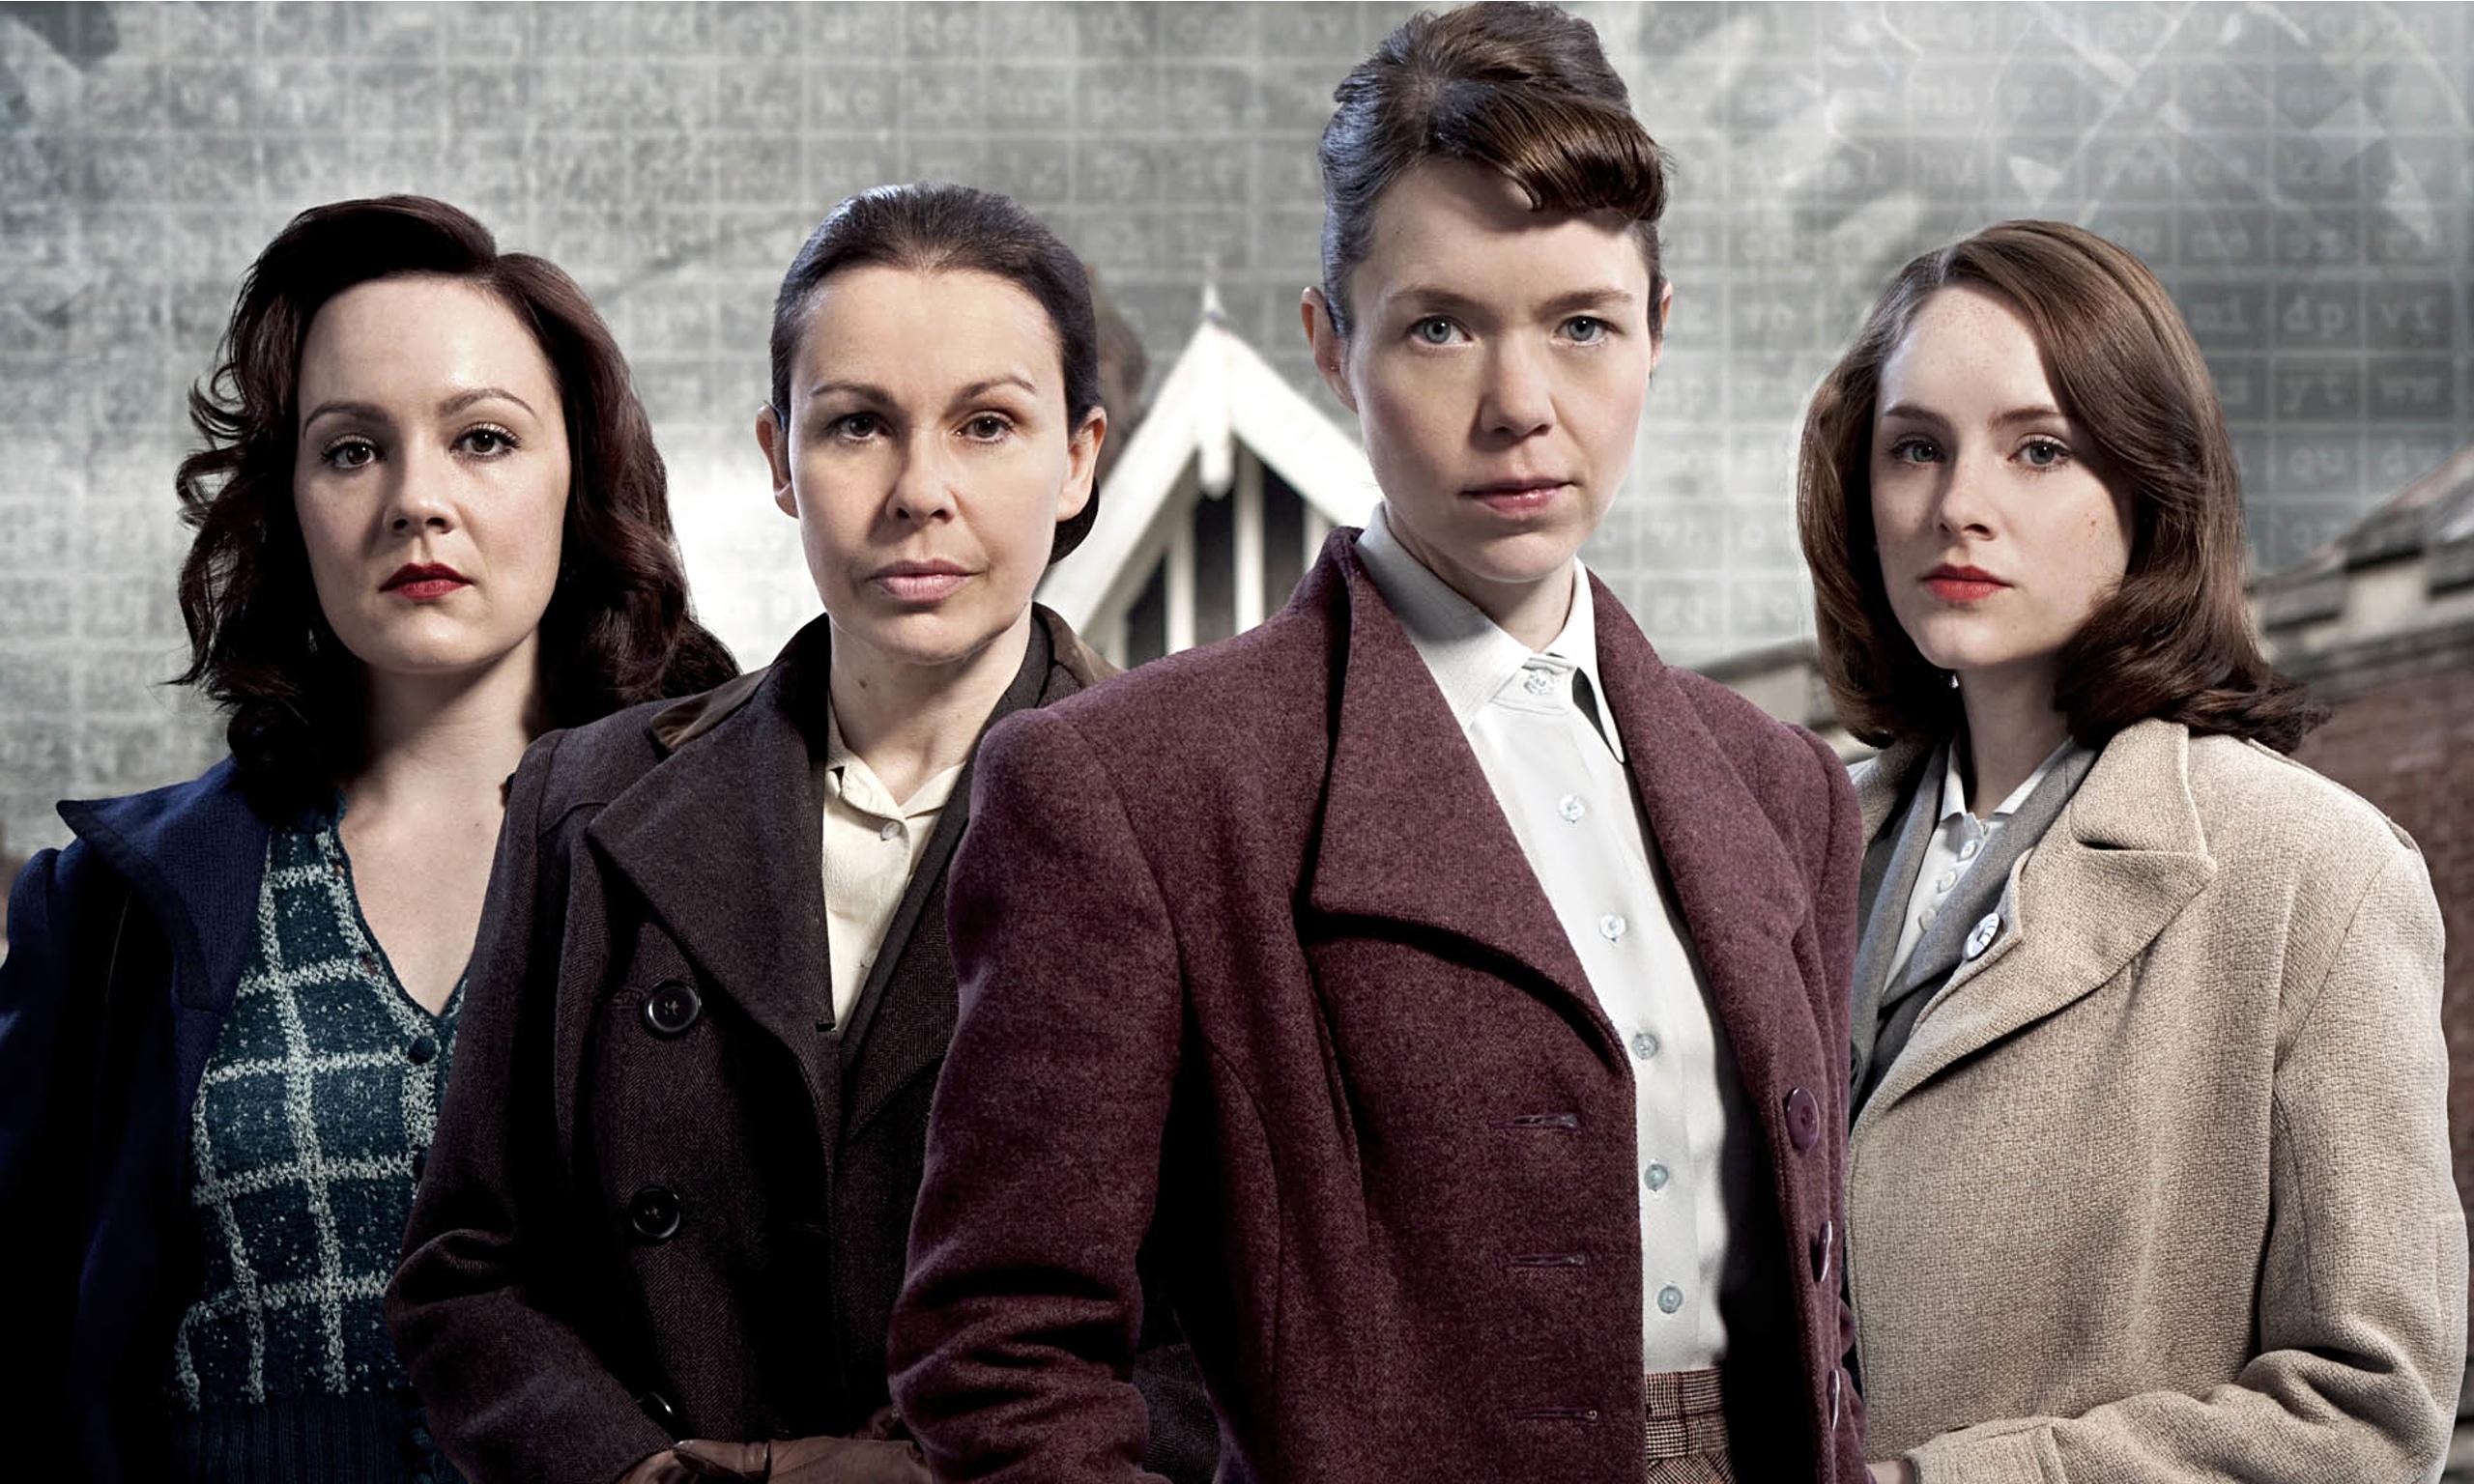 [SÉRIE] The Bletchley Circle: vencendo guerras como uma mulher!